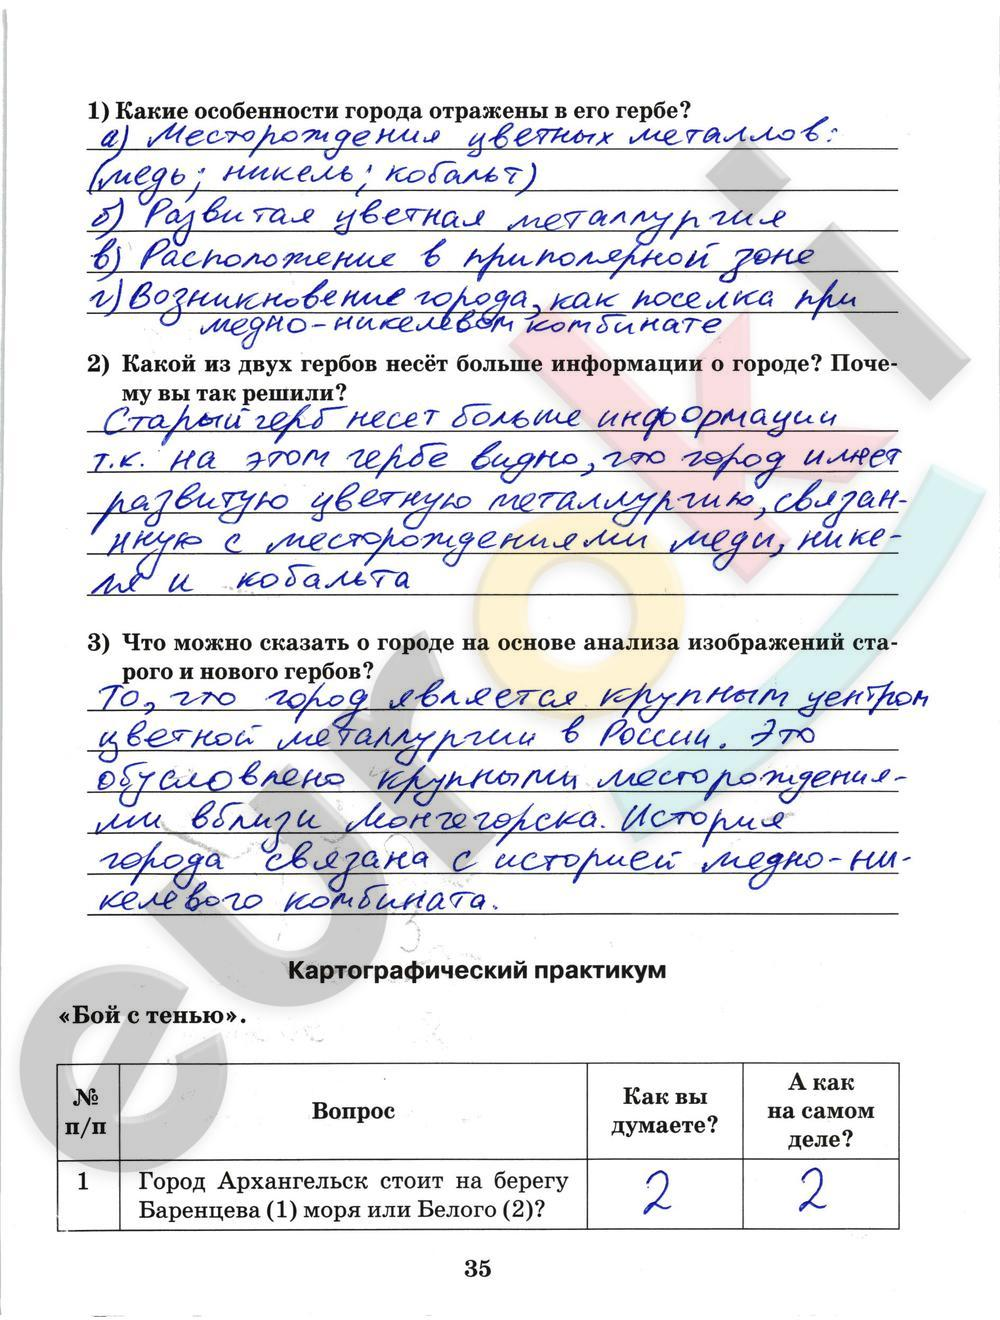 ГДЗ по географии 9 класс рабочая тетрадь Домогацких Часть 1, 2. Задание: стр. 35